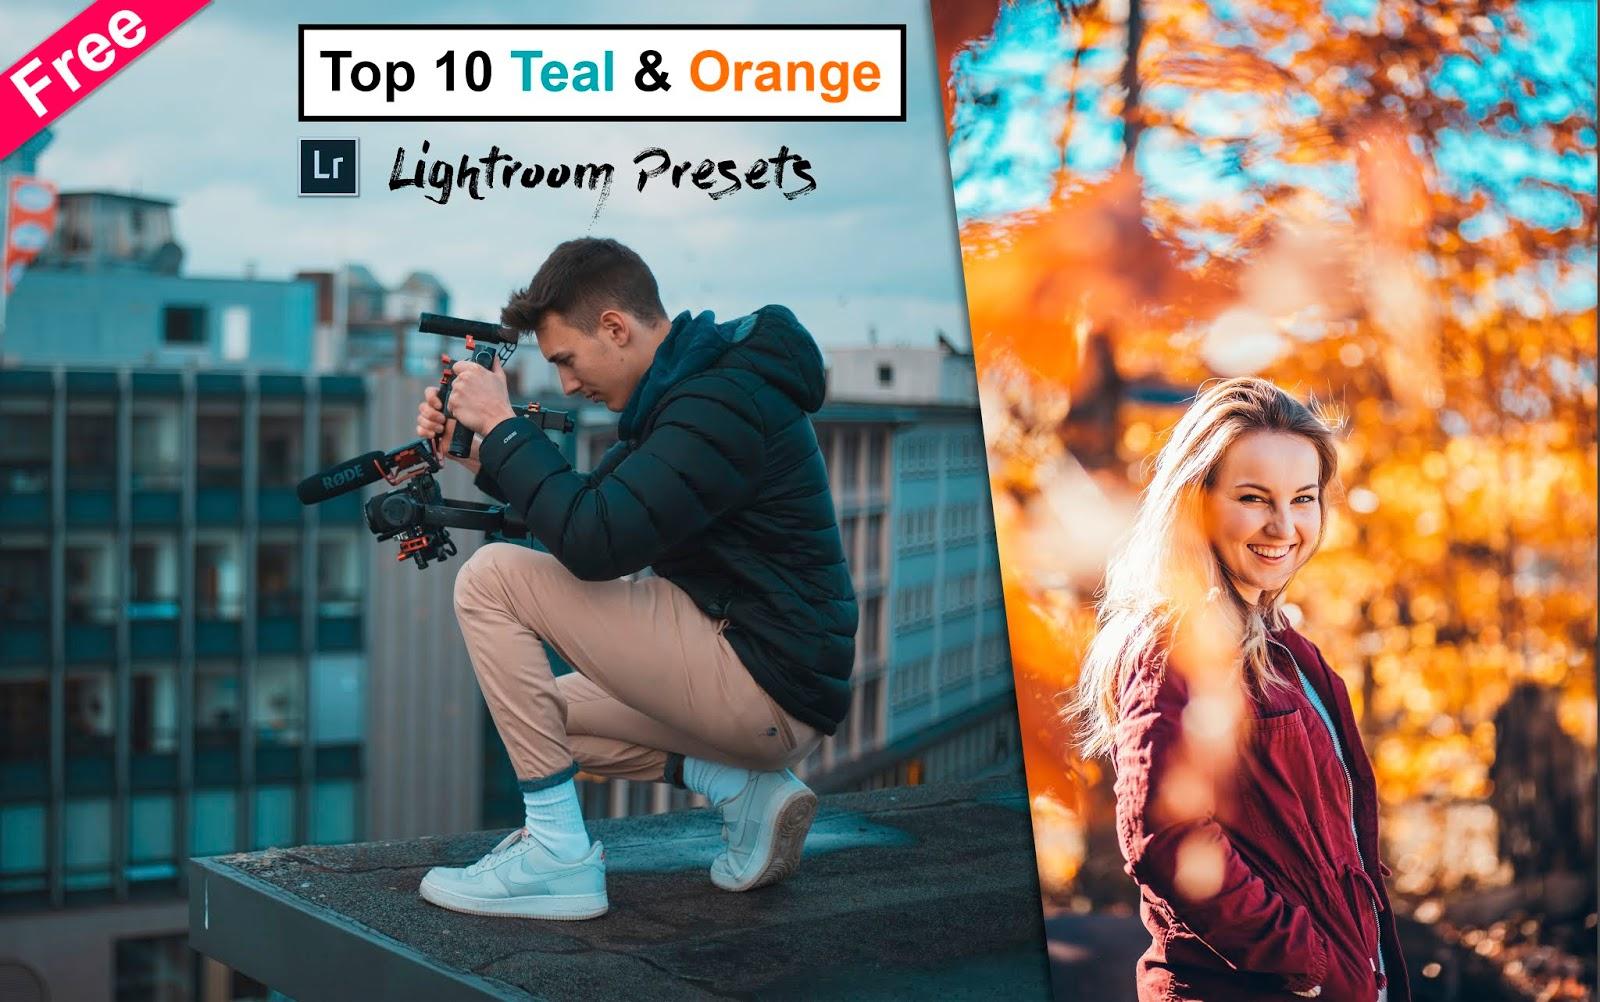 Download Top 10 Teal & Orange Lightroom Presets of 2019 for Free | How to Edit Teal & Orange in Lightroom